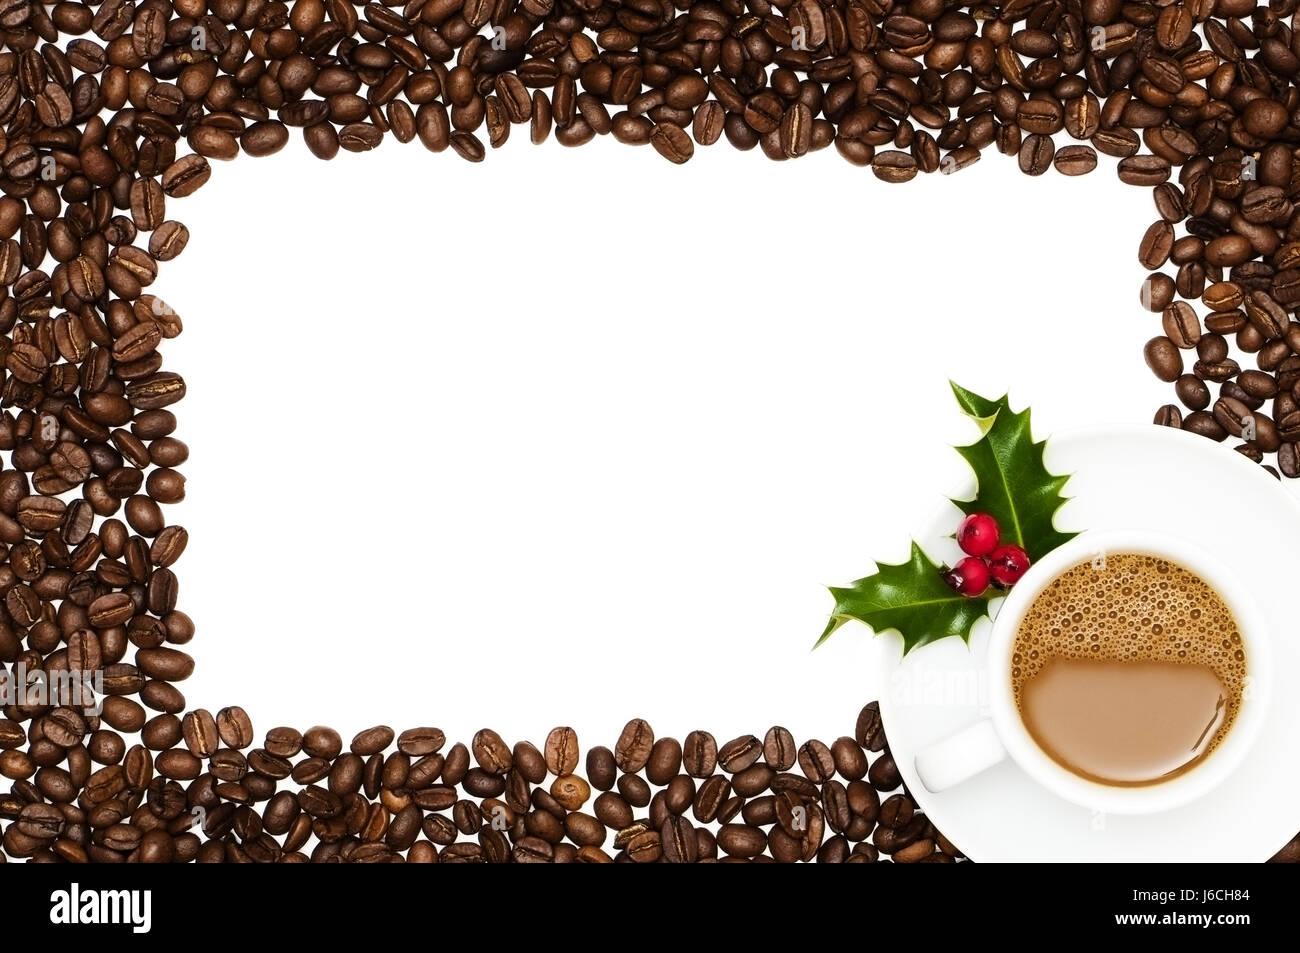 El café marco festivo de Navidad Navidad marco X-mas frontera Café ...